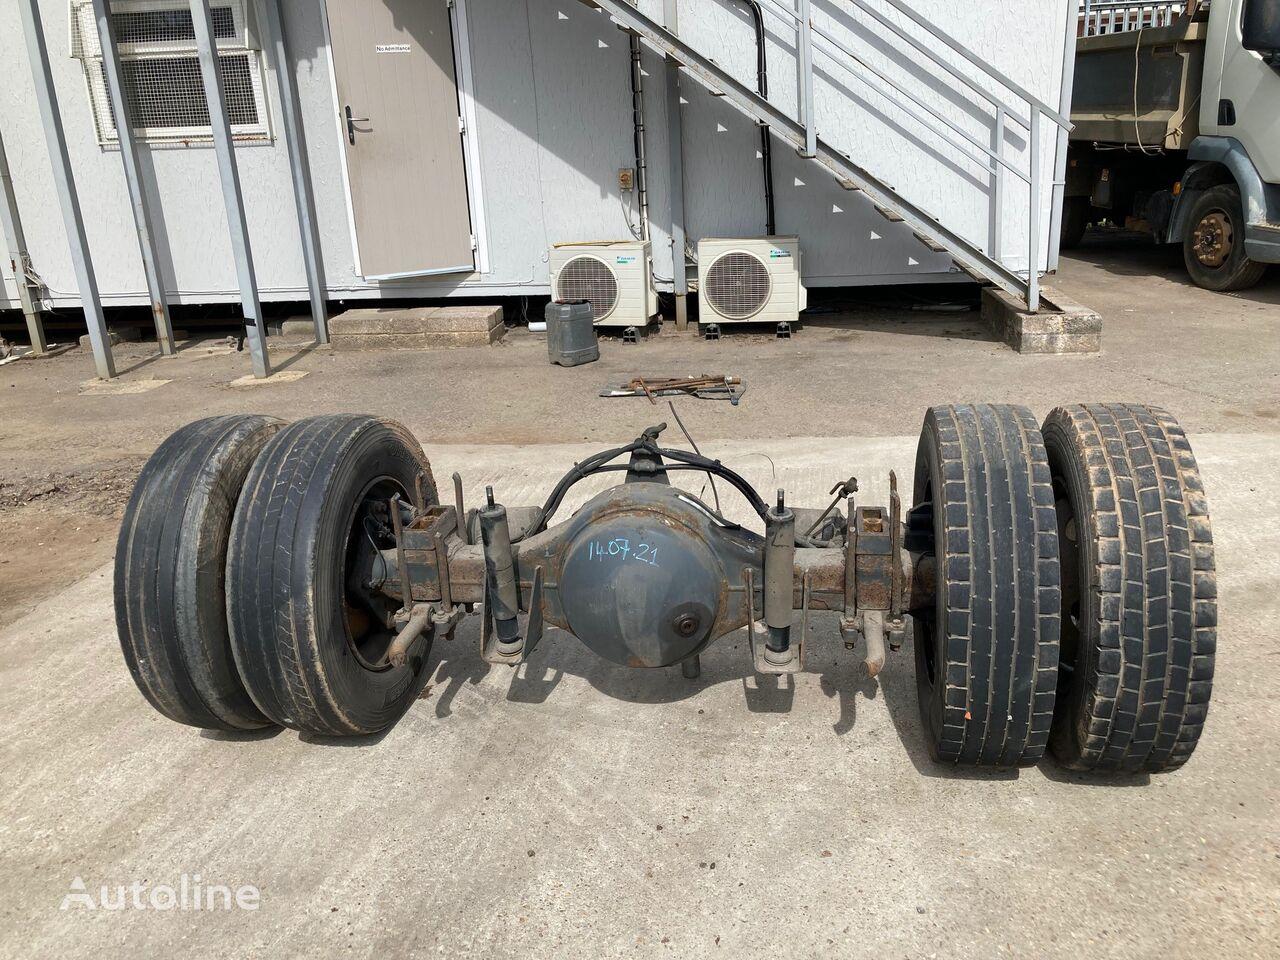 DAF RAA223/4123 (RAA223/4123) drive axle for truck